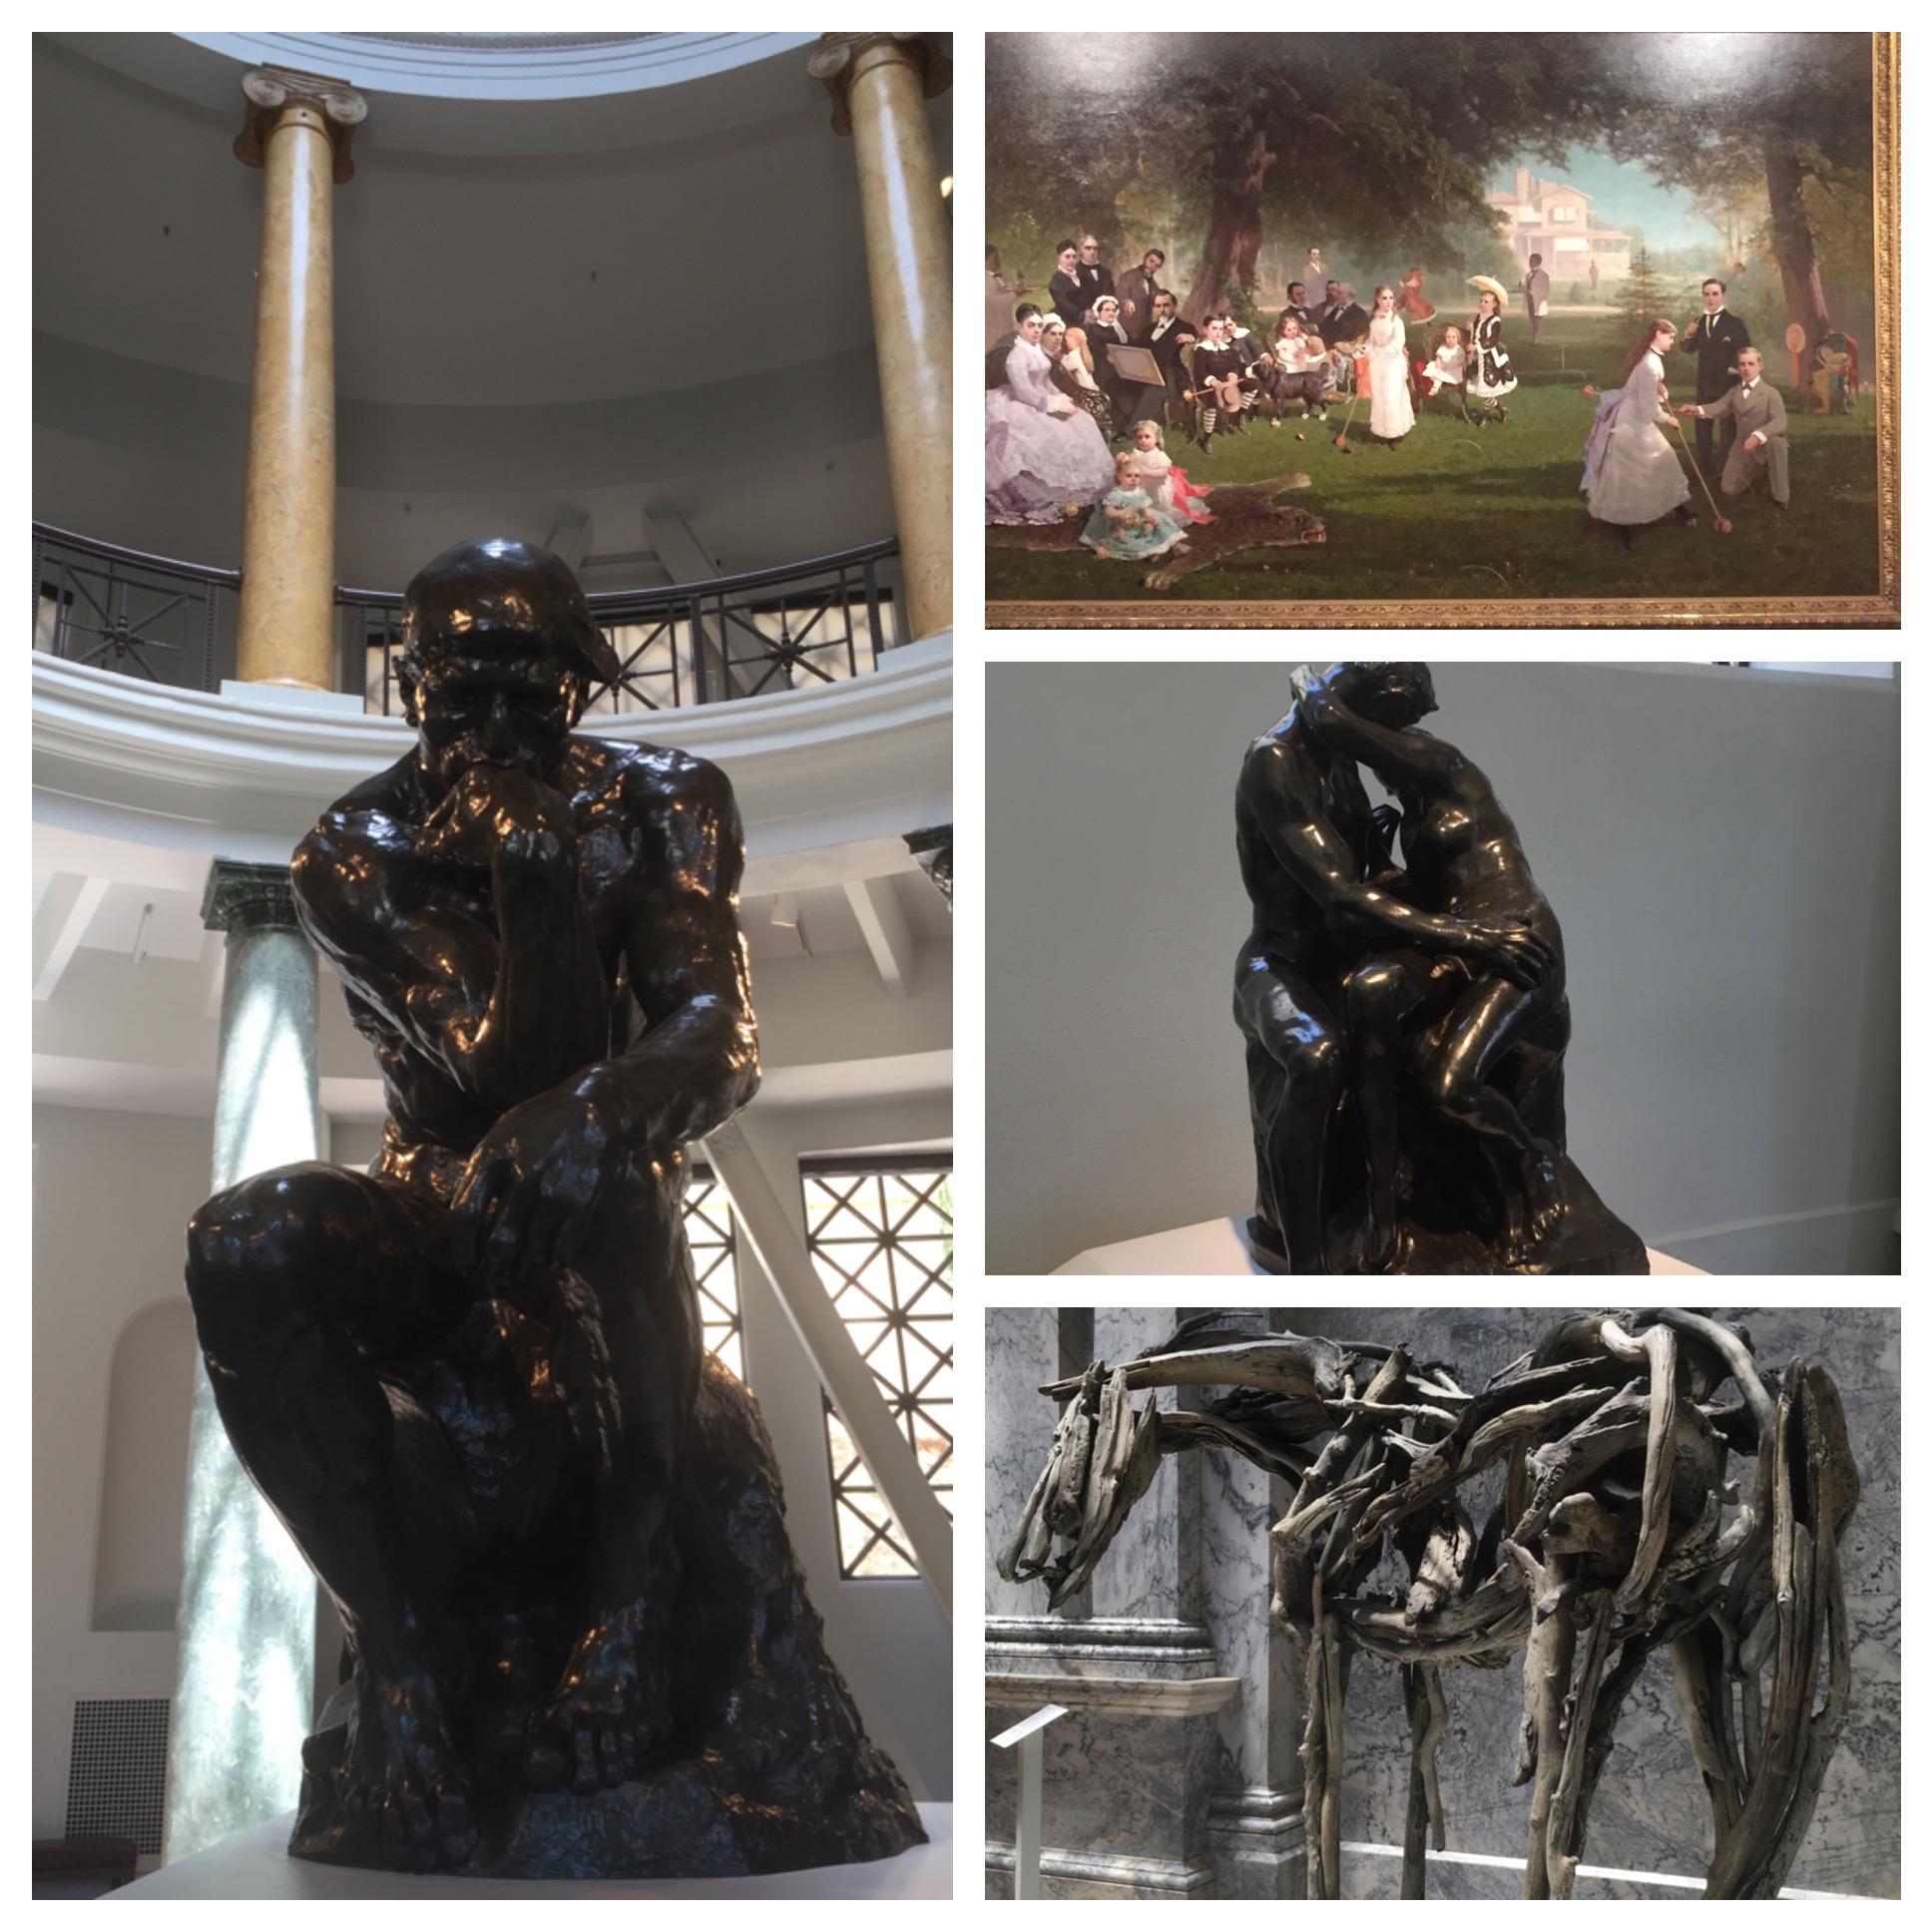 O pensador, a família Stanford, The Kiss e demais obras no Cantor Arts Museum